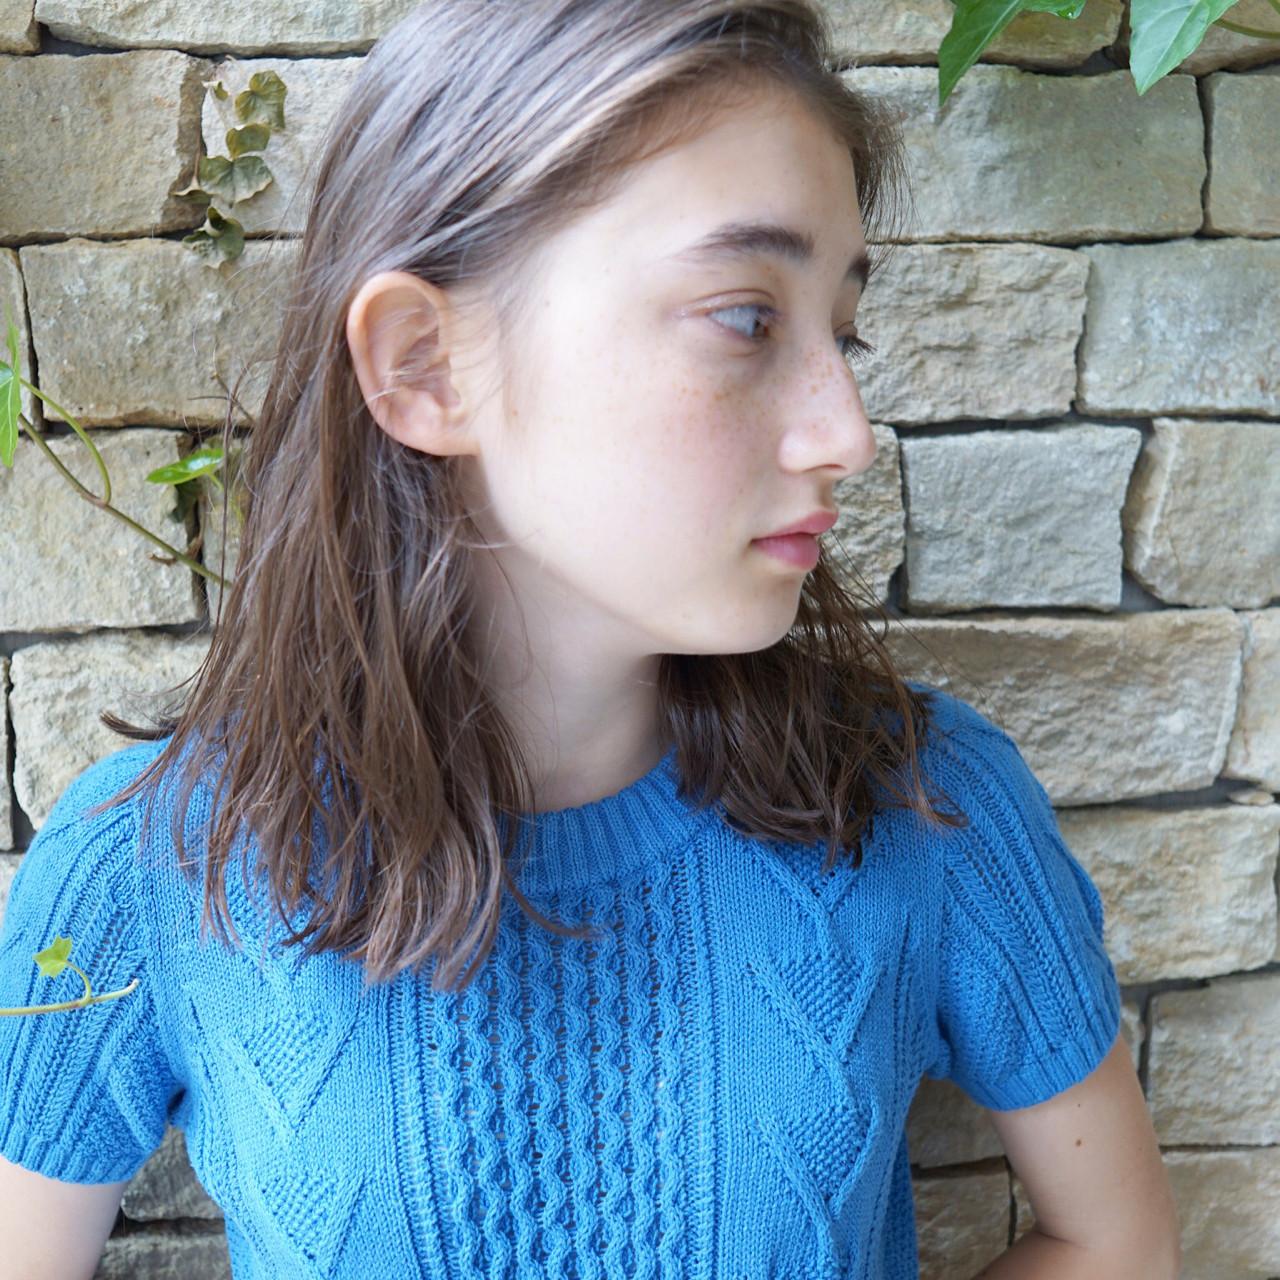 ナチュラル 秋 パーマ グレージュ ヘアスタイルや髪型の写真・画像 | UEKI/nanuk / nanuk二子玉川